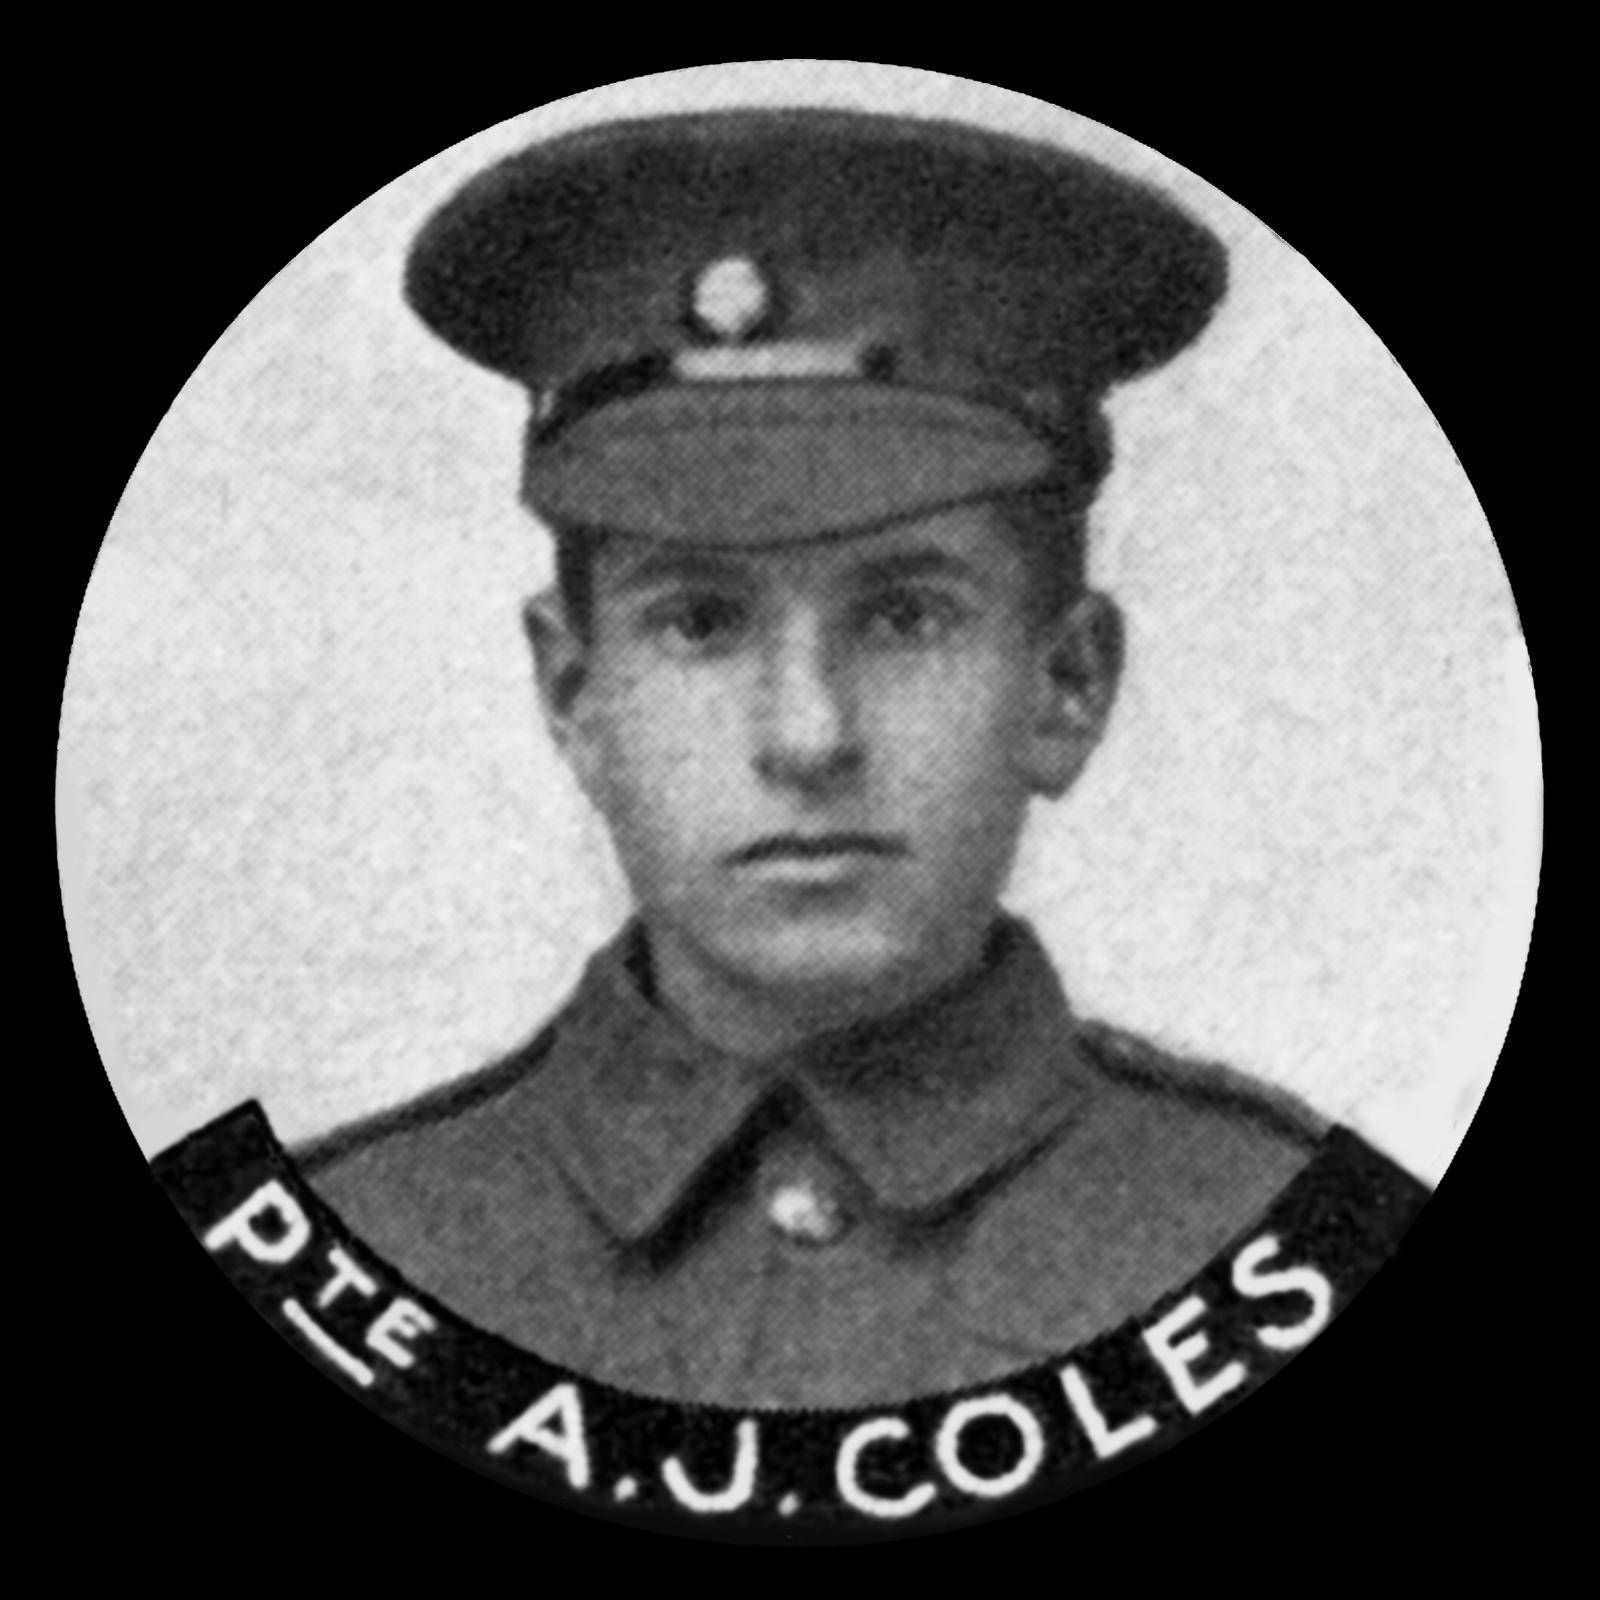 COLES Arthur James